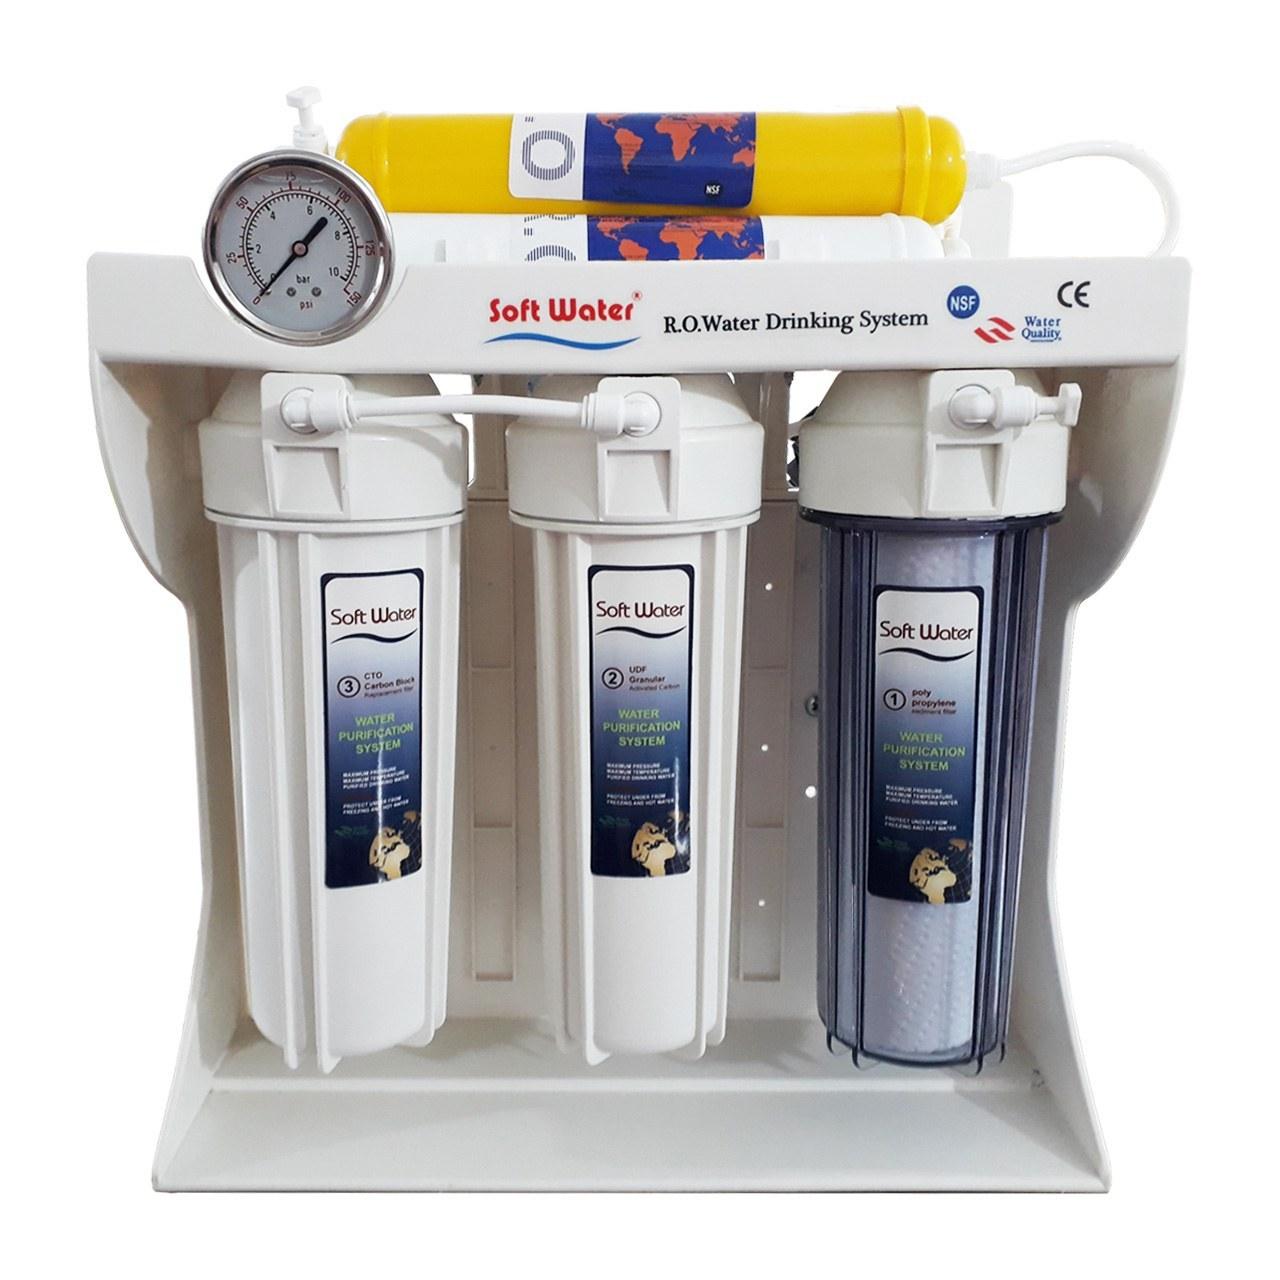 تصویر دستگاه تصفیه کننده آب خانگی 6 مرحله سافت واتر مدل RO2500